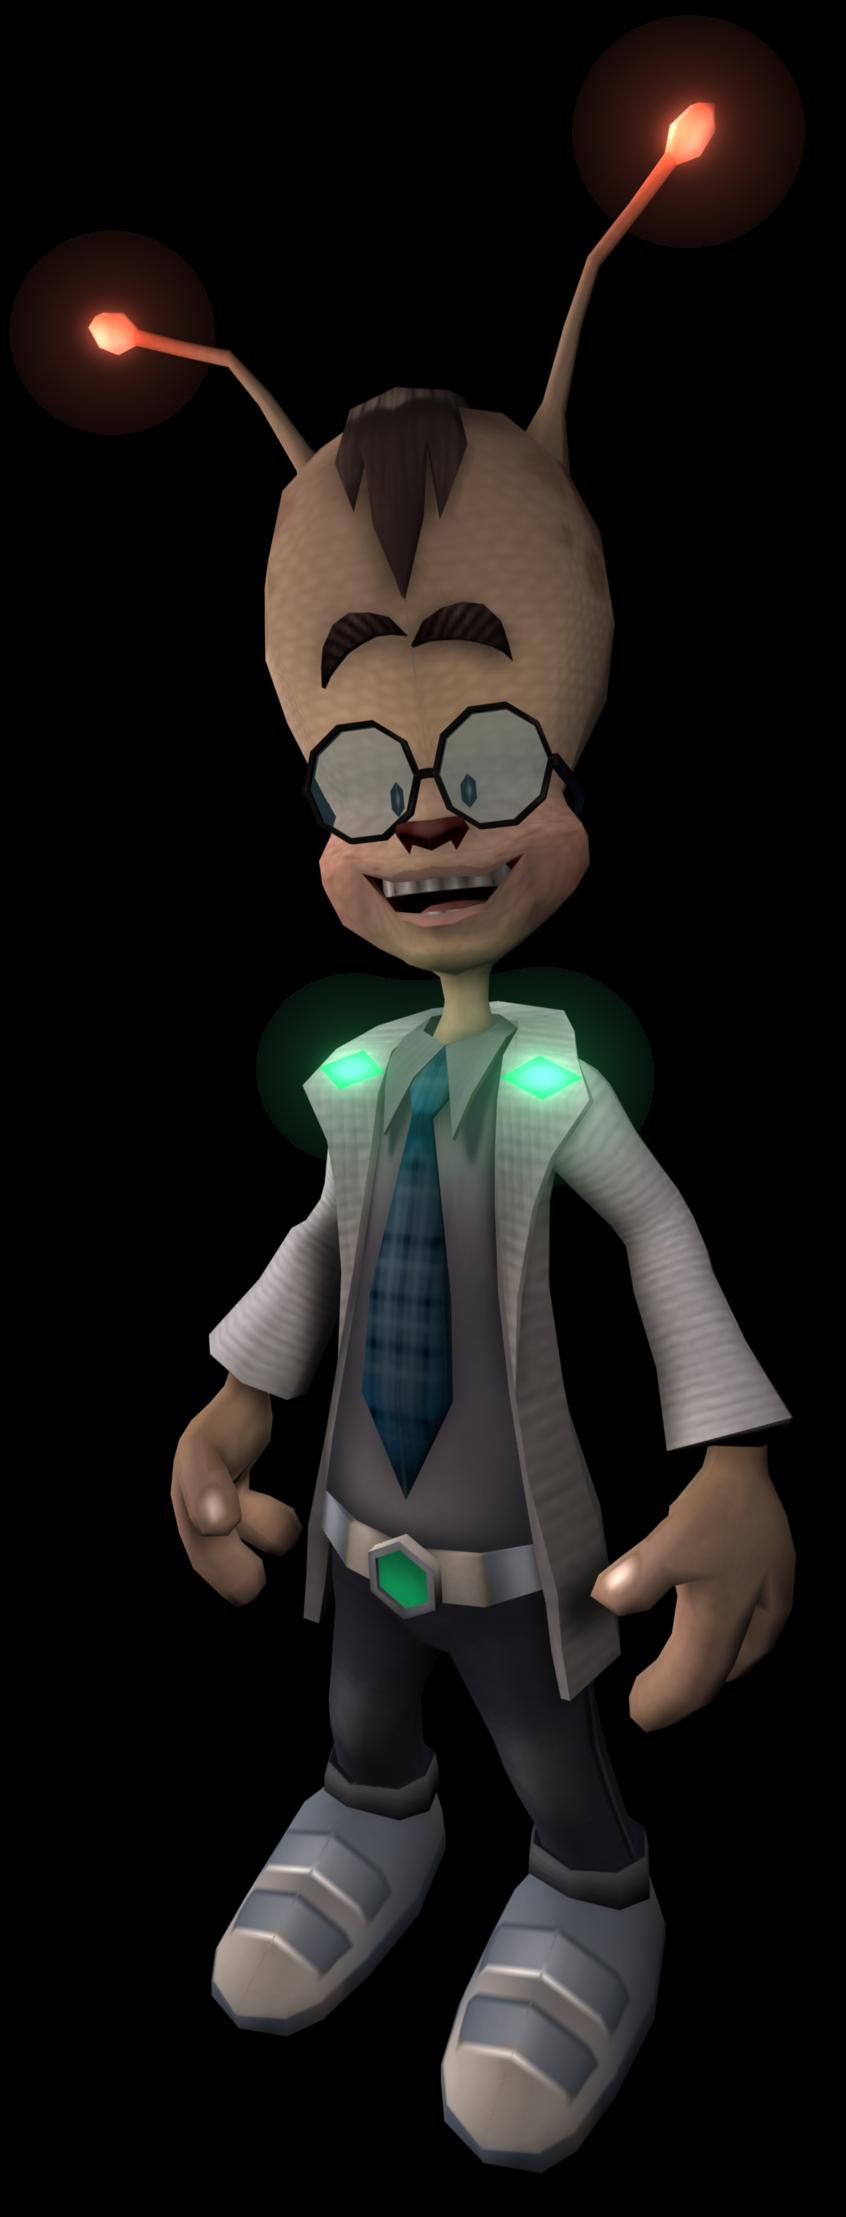 Megacorp Scientist